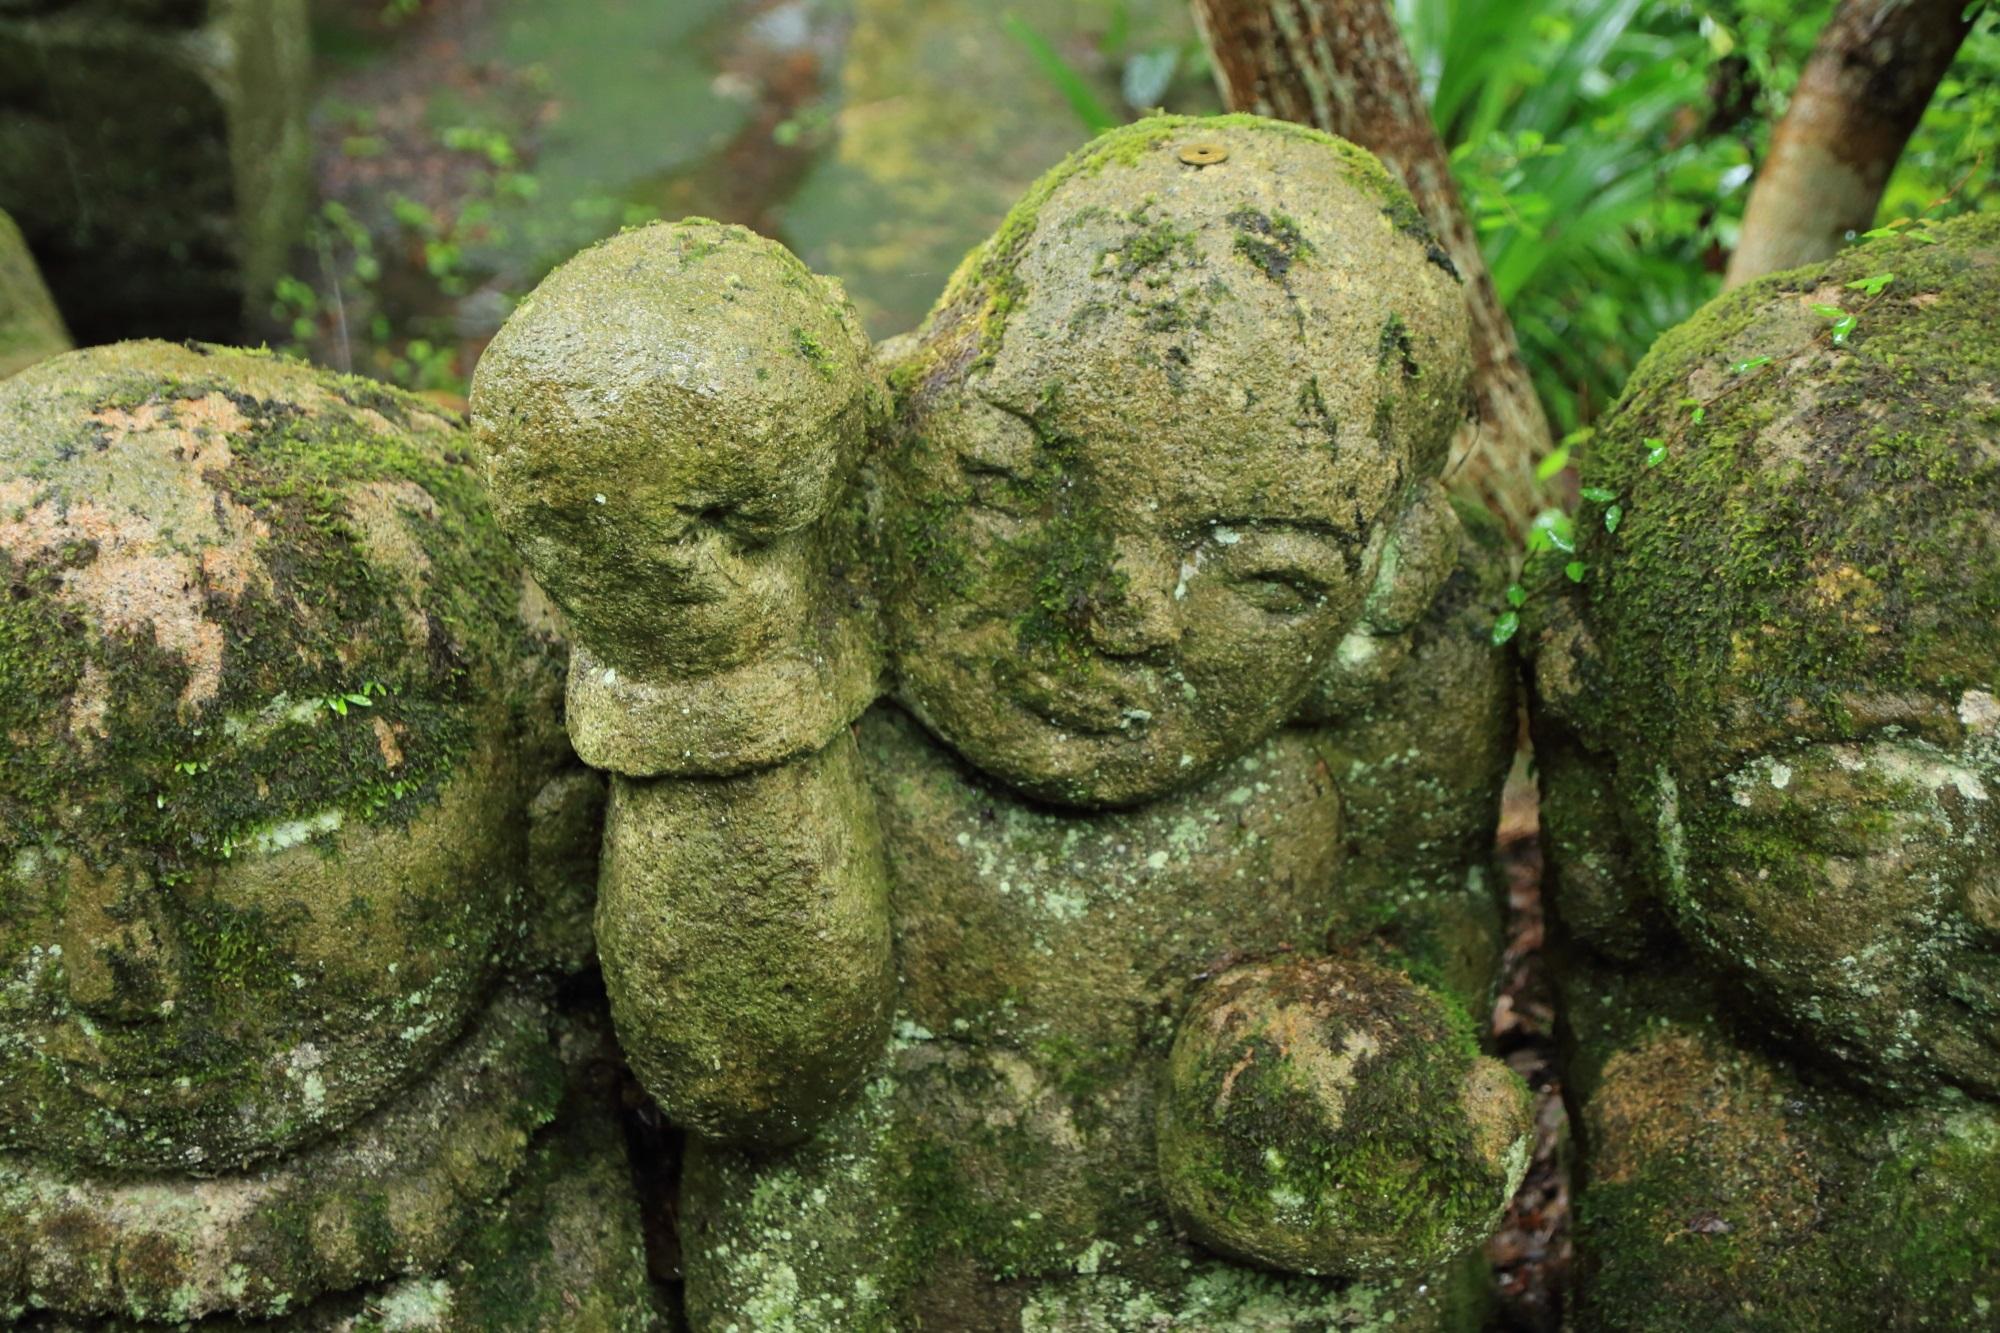 愛宕念仏寺のボクサーの千二百羅漢